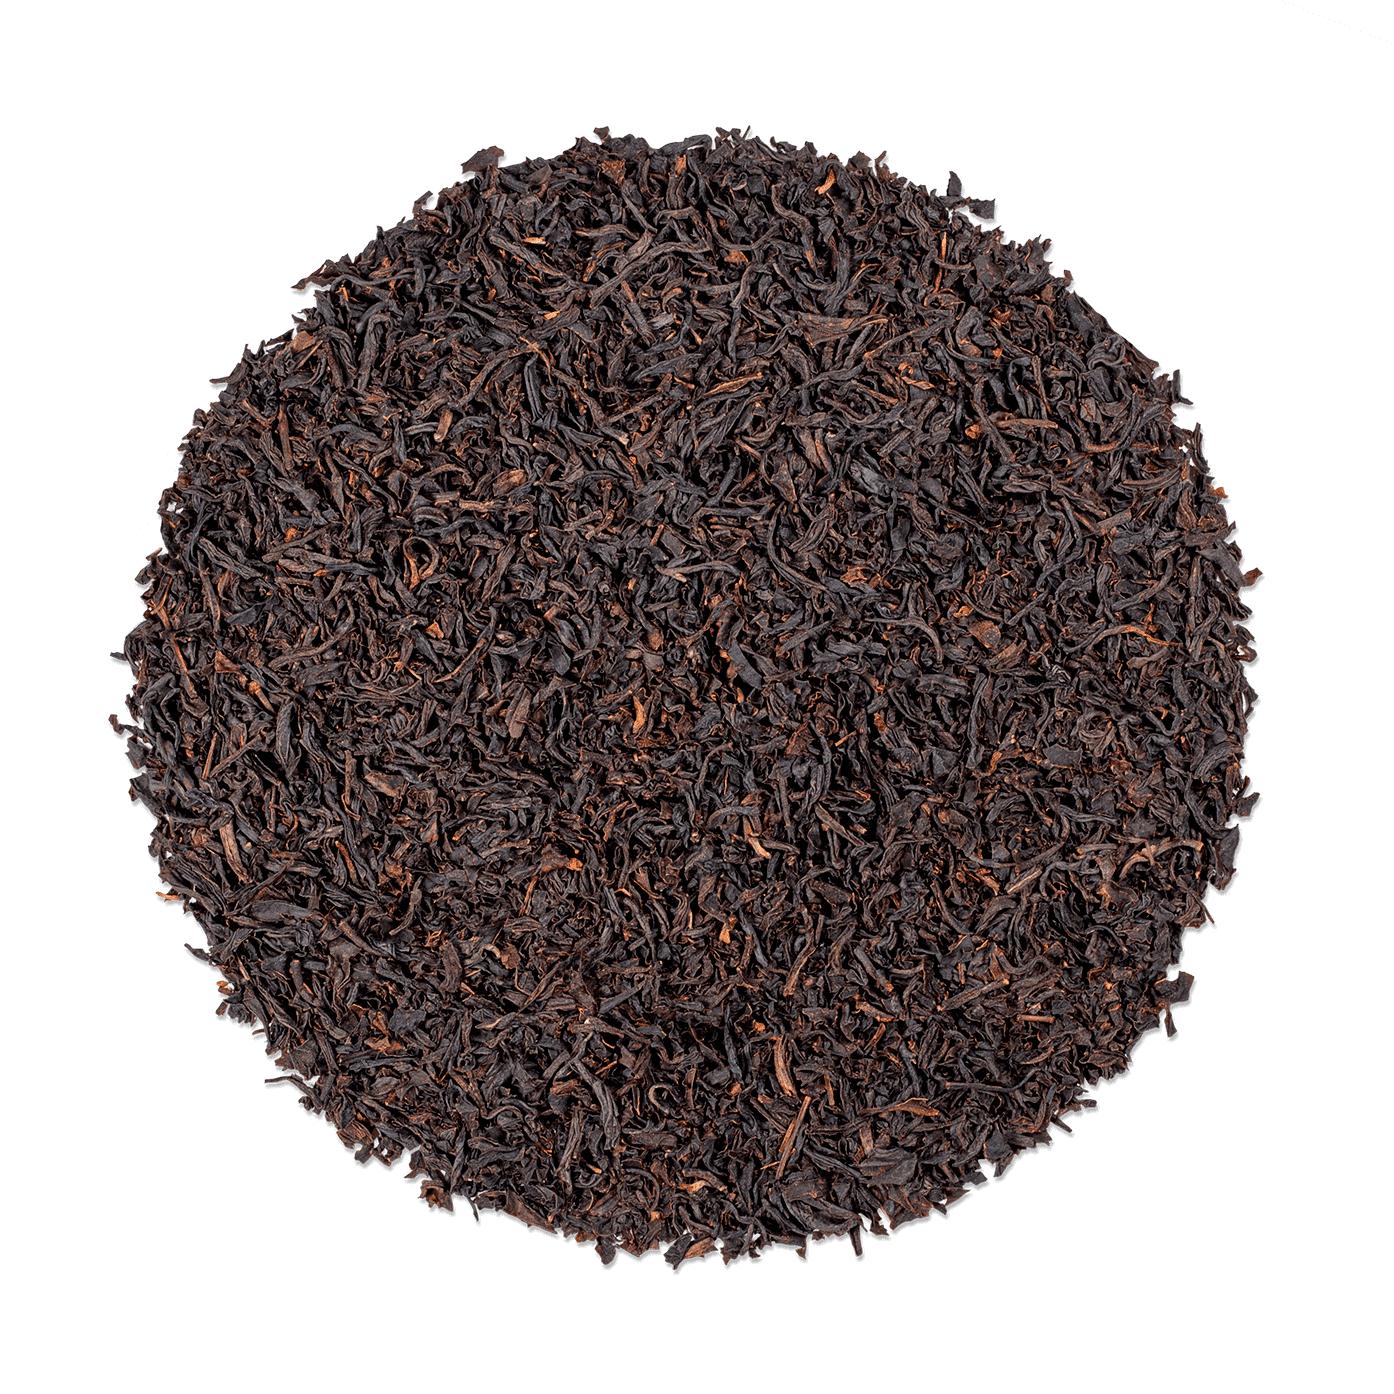 KUSMI TEA Earl Grey déthéiné aux agrumes - Thé noir détheiné aux huiles essentielles d'agrumes - Thé en vrac - Kusmi Tea